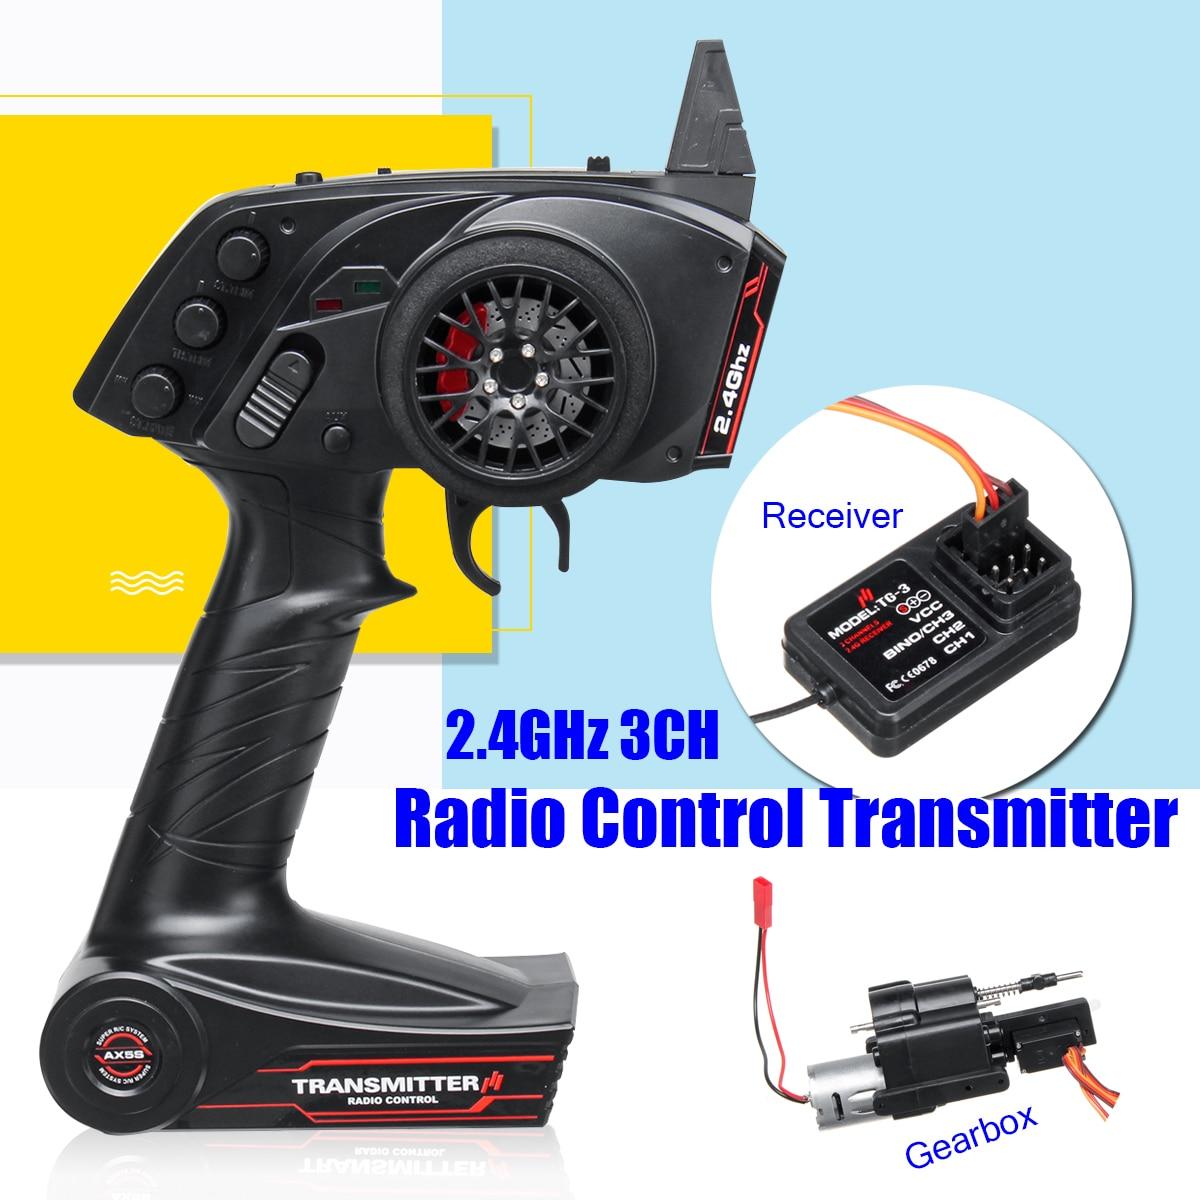 Шестерни коробка Радиоуправляемый автомобиль радио передатчик и Скорость изменить дроссельной заслонки предел диапазона для WPL 3CH B1 B24 B16 C24 ...